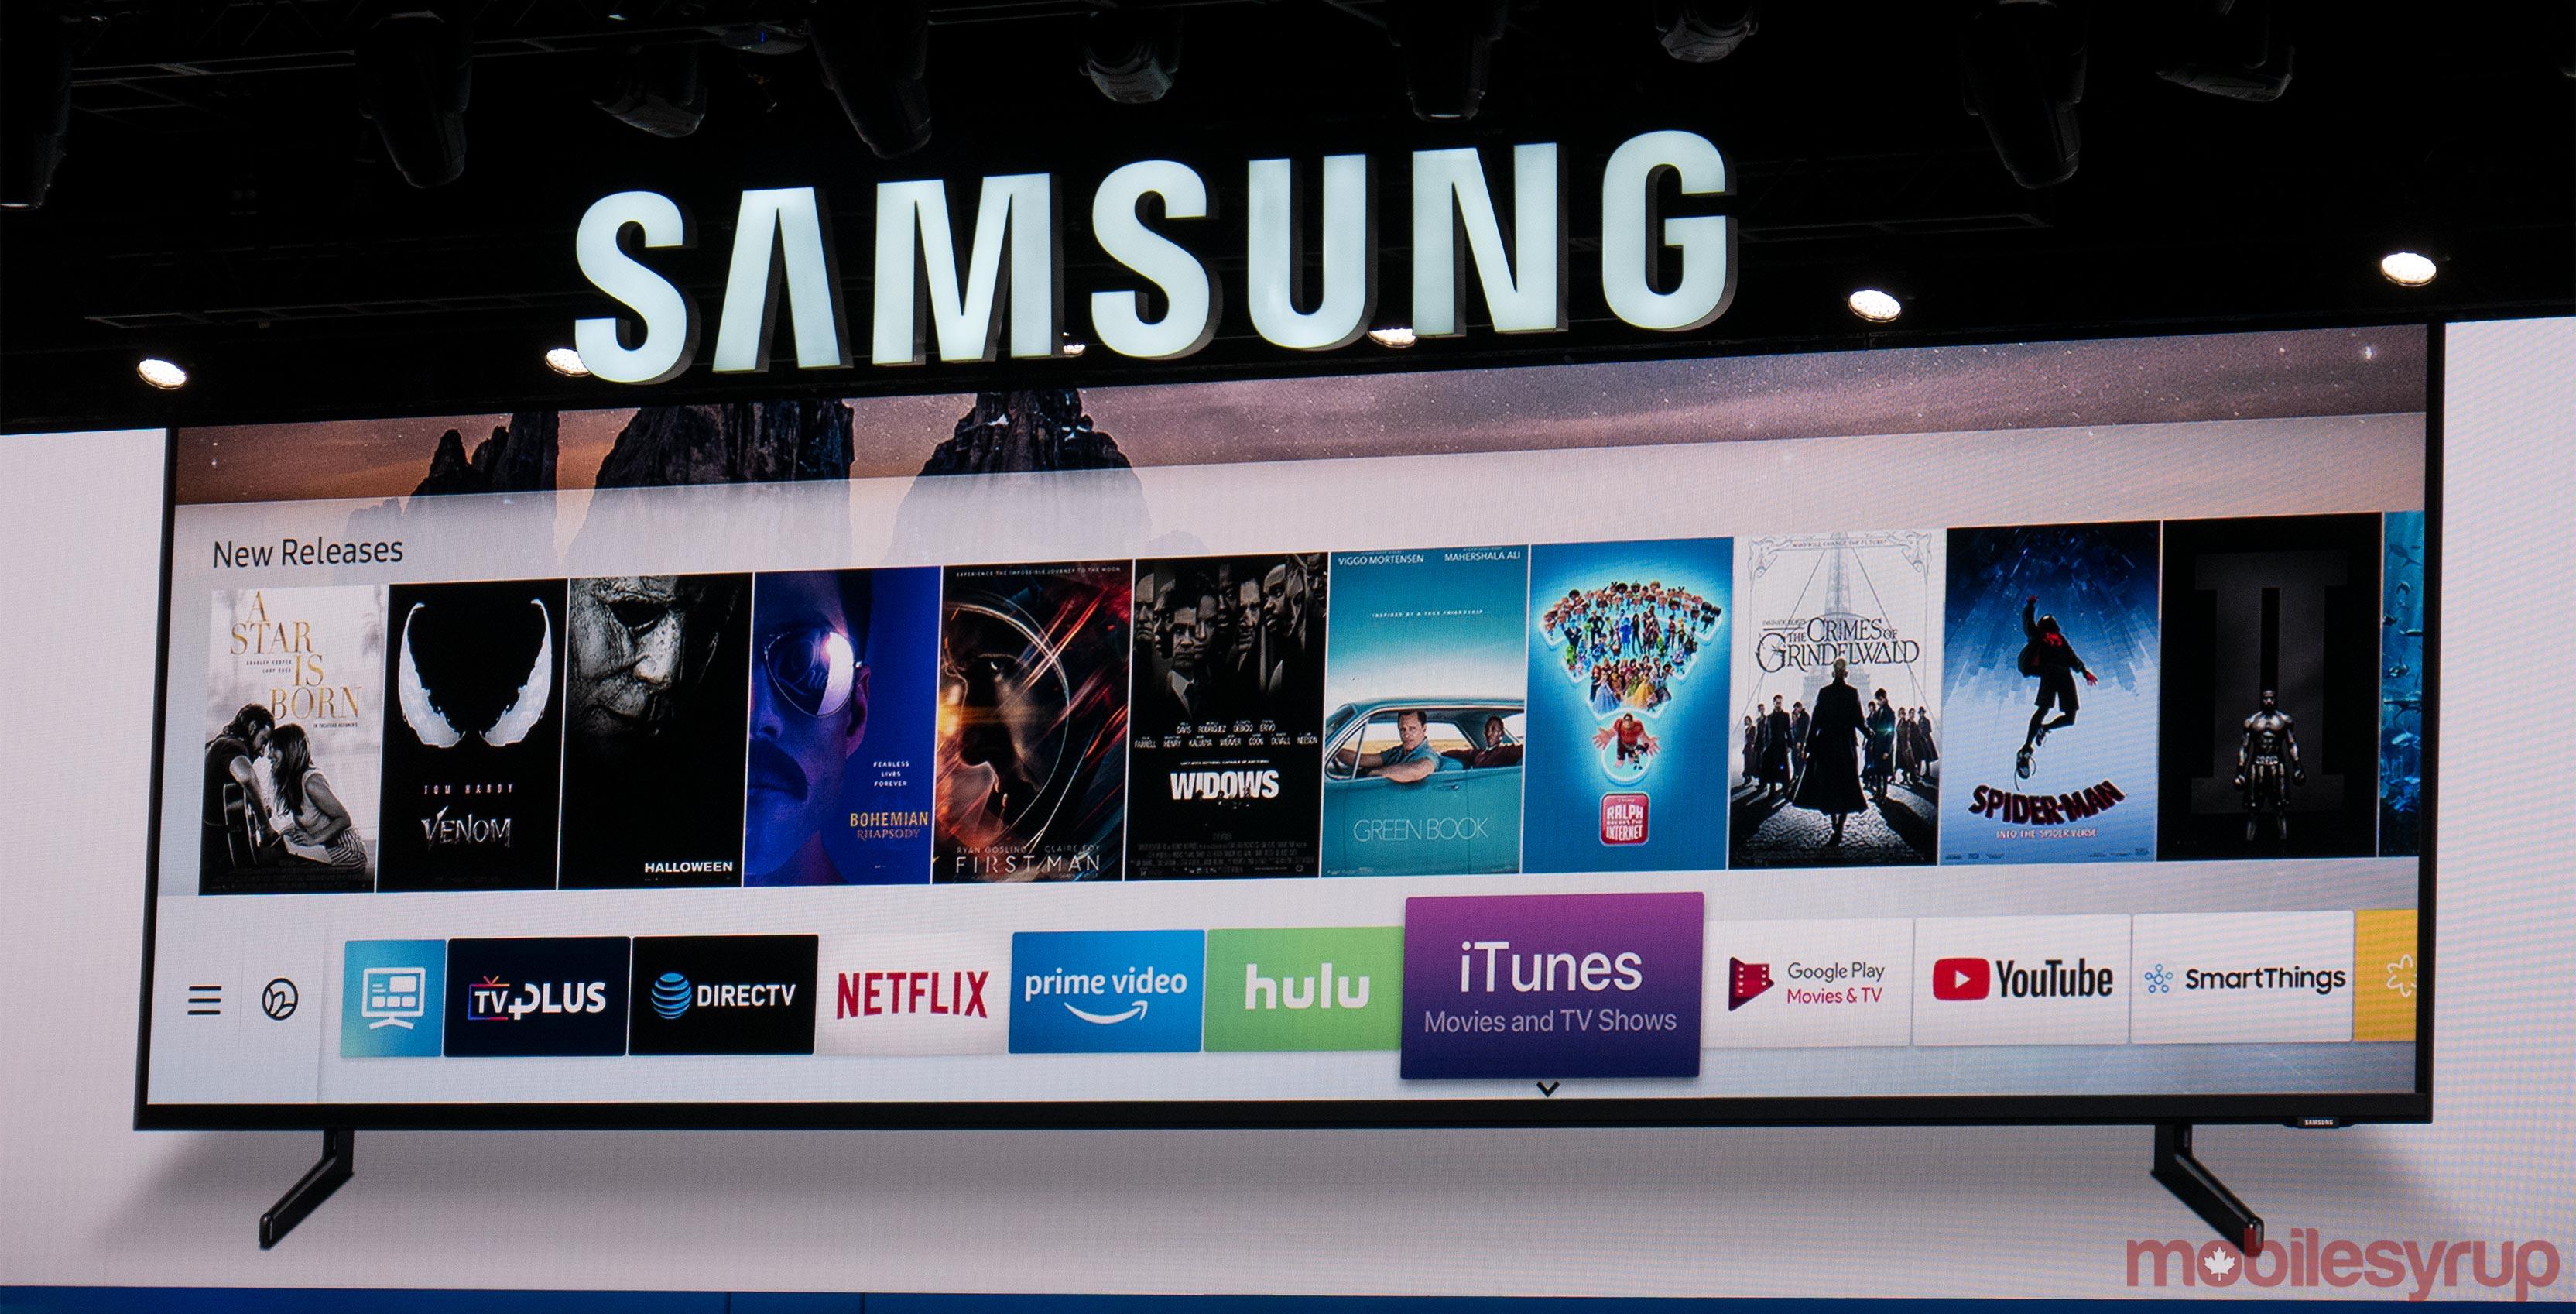 Samsung tweets that smart TVs can get viruses too, then pulls tweet